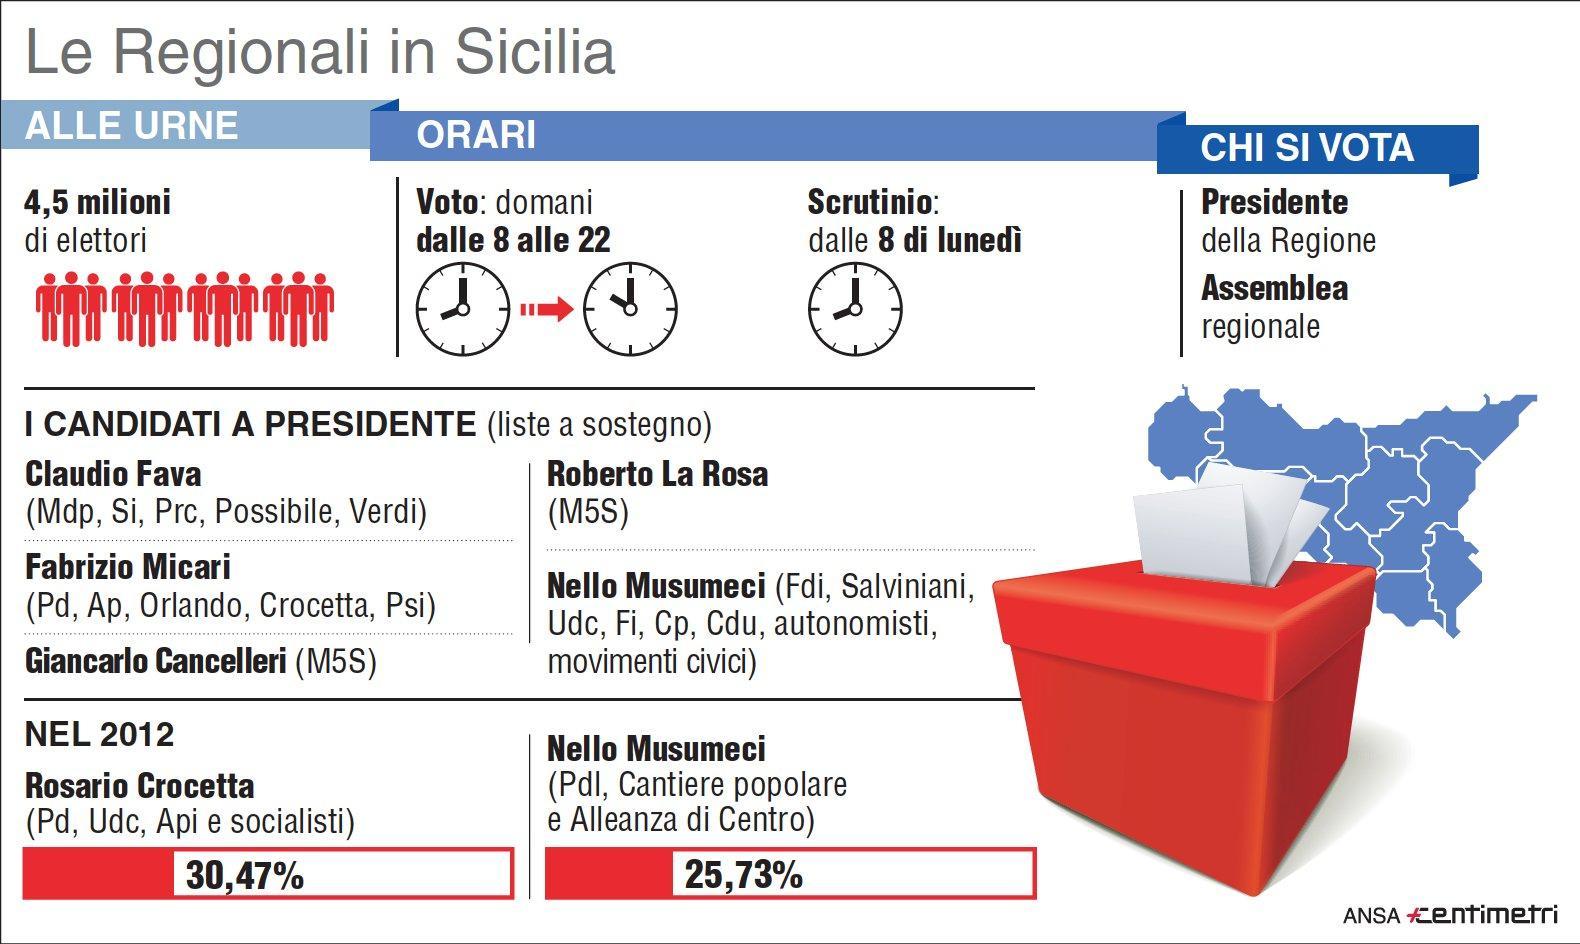 Regionali Sicilia, il vademecum delle elezioni